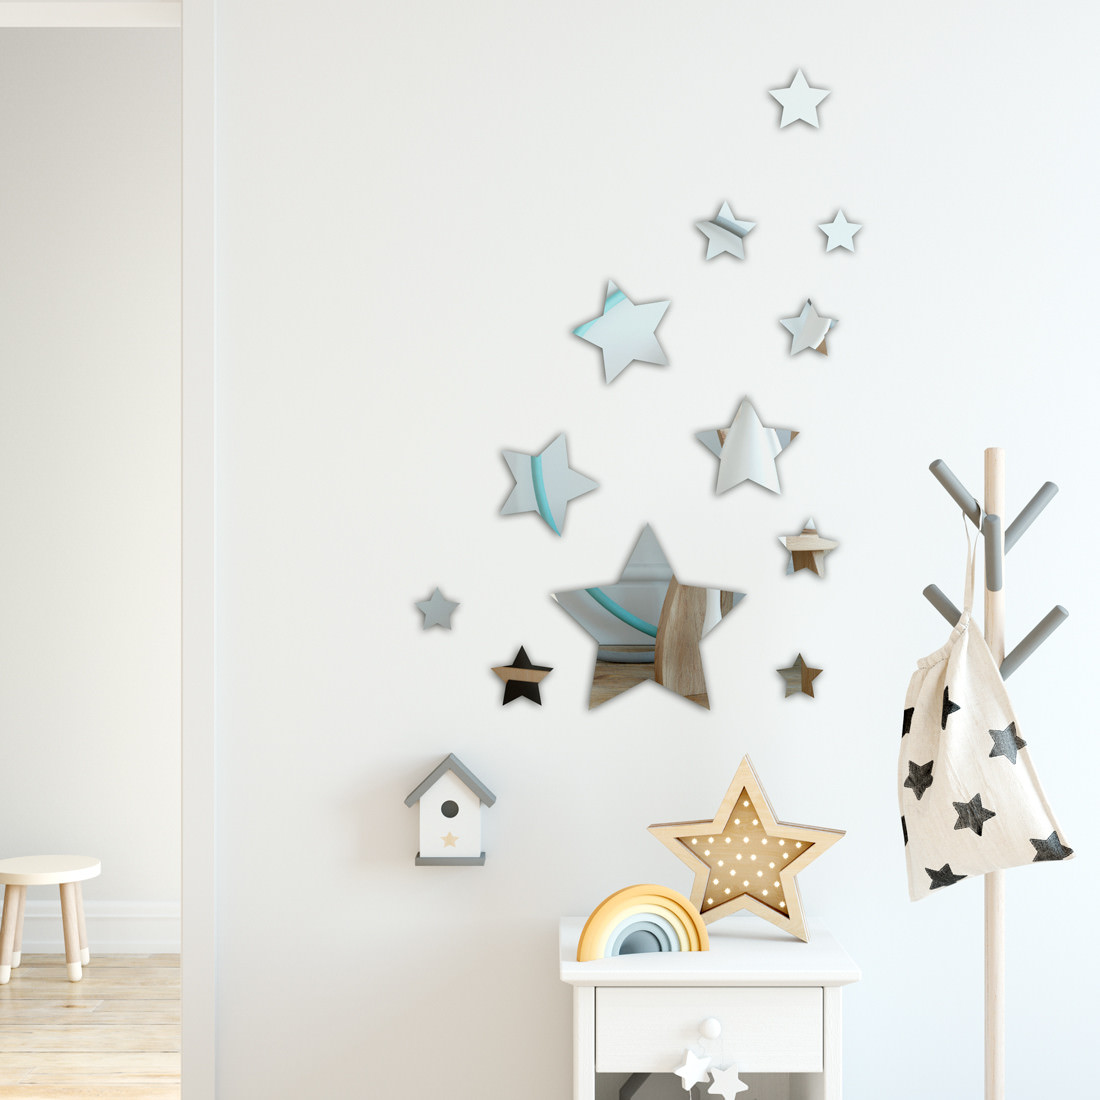 Espelho Decorativo Estrelas. Kit com 20 Estrelas. Confeccionado em Acrílico Espelhado